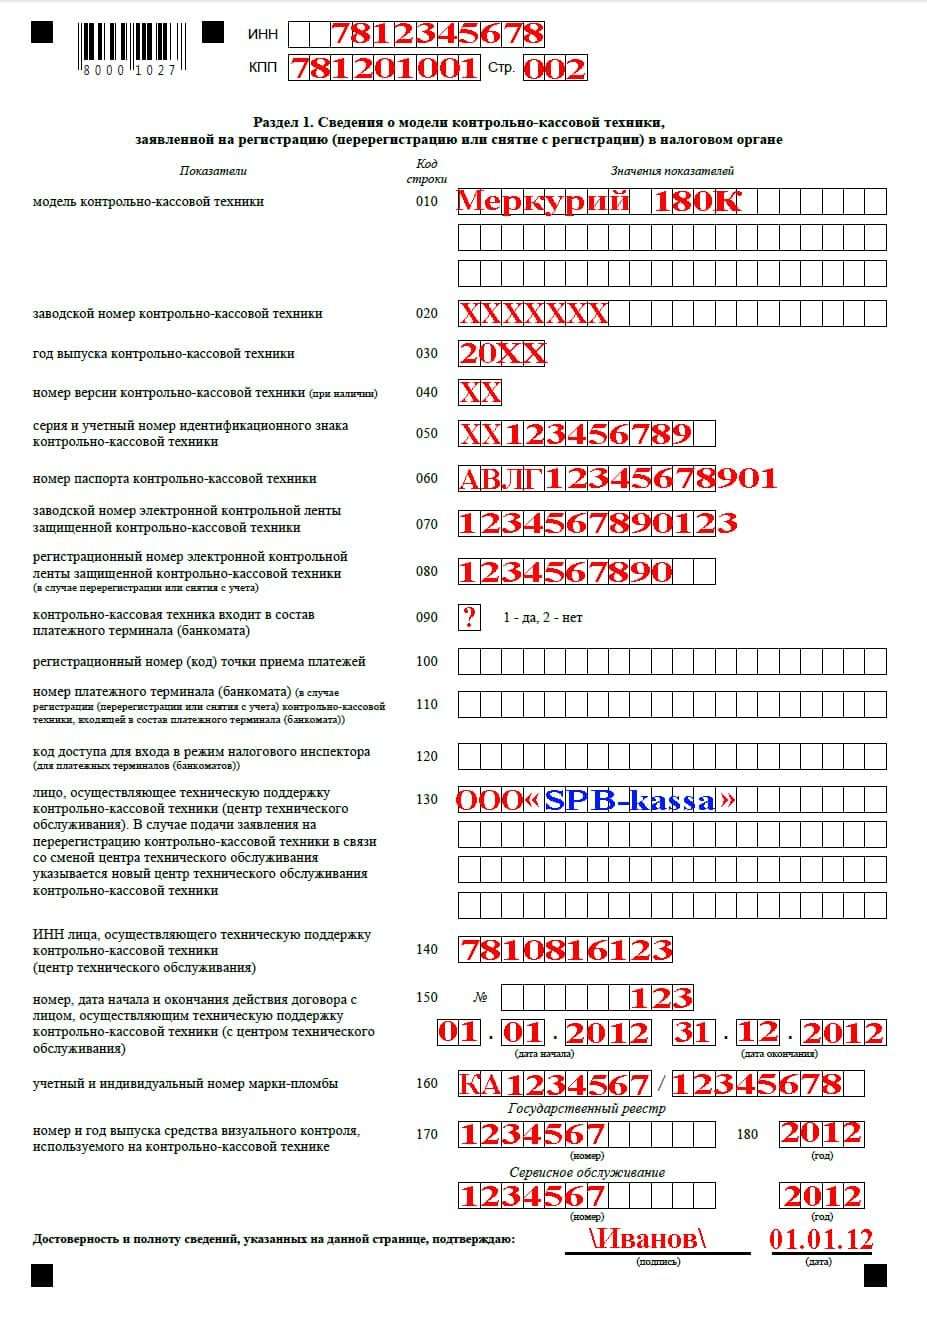 Образец заполнения Формы 2-2-учет на Инн